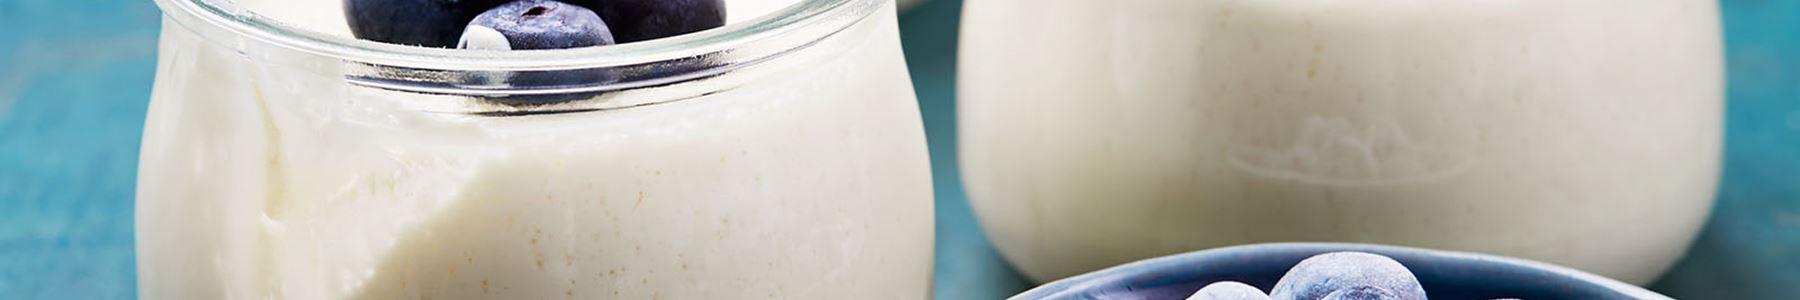 Grekisk yoghurt + Yoghurt + Honung